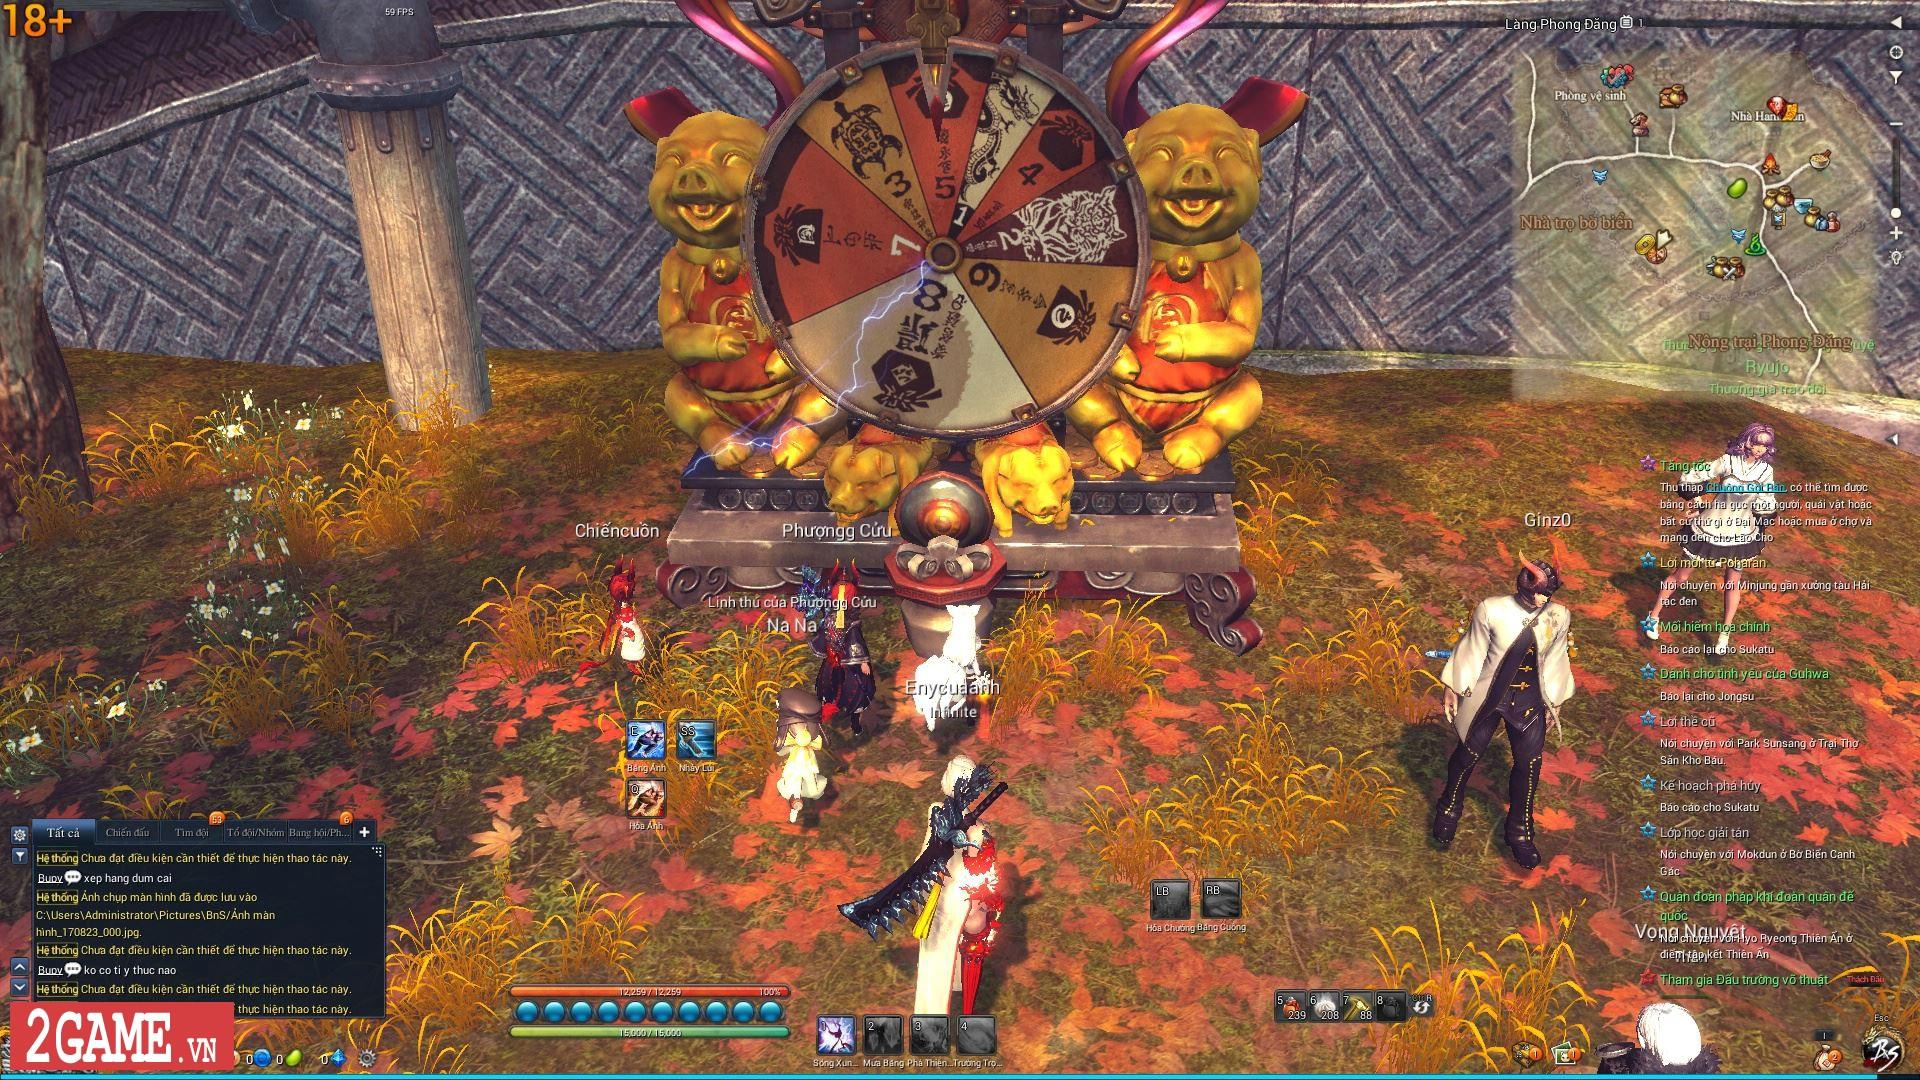 Lần đầu tôi chơi Blade and Soul: Game đẹp, điều khiển phức tạp, đánh đấm sướng tay thật! 1